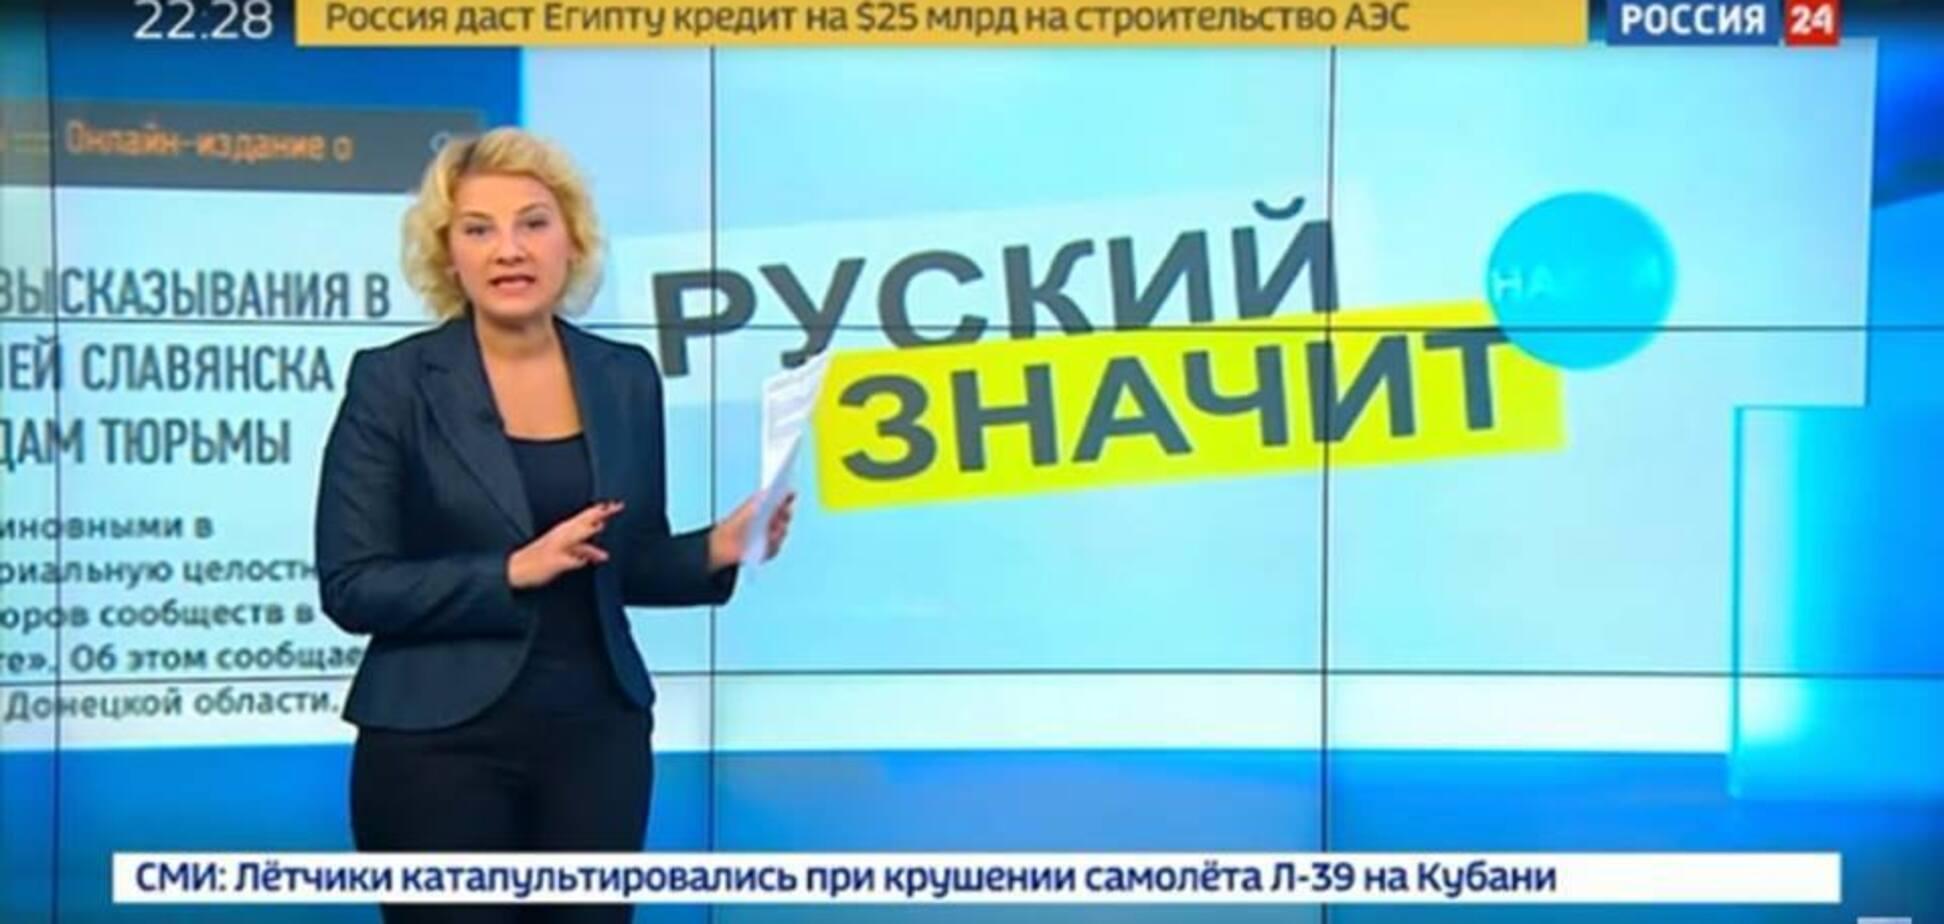 ''Последствия украинизации'': росСМИ потроллили за грубую ошибку